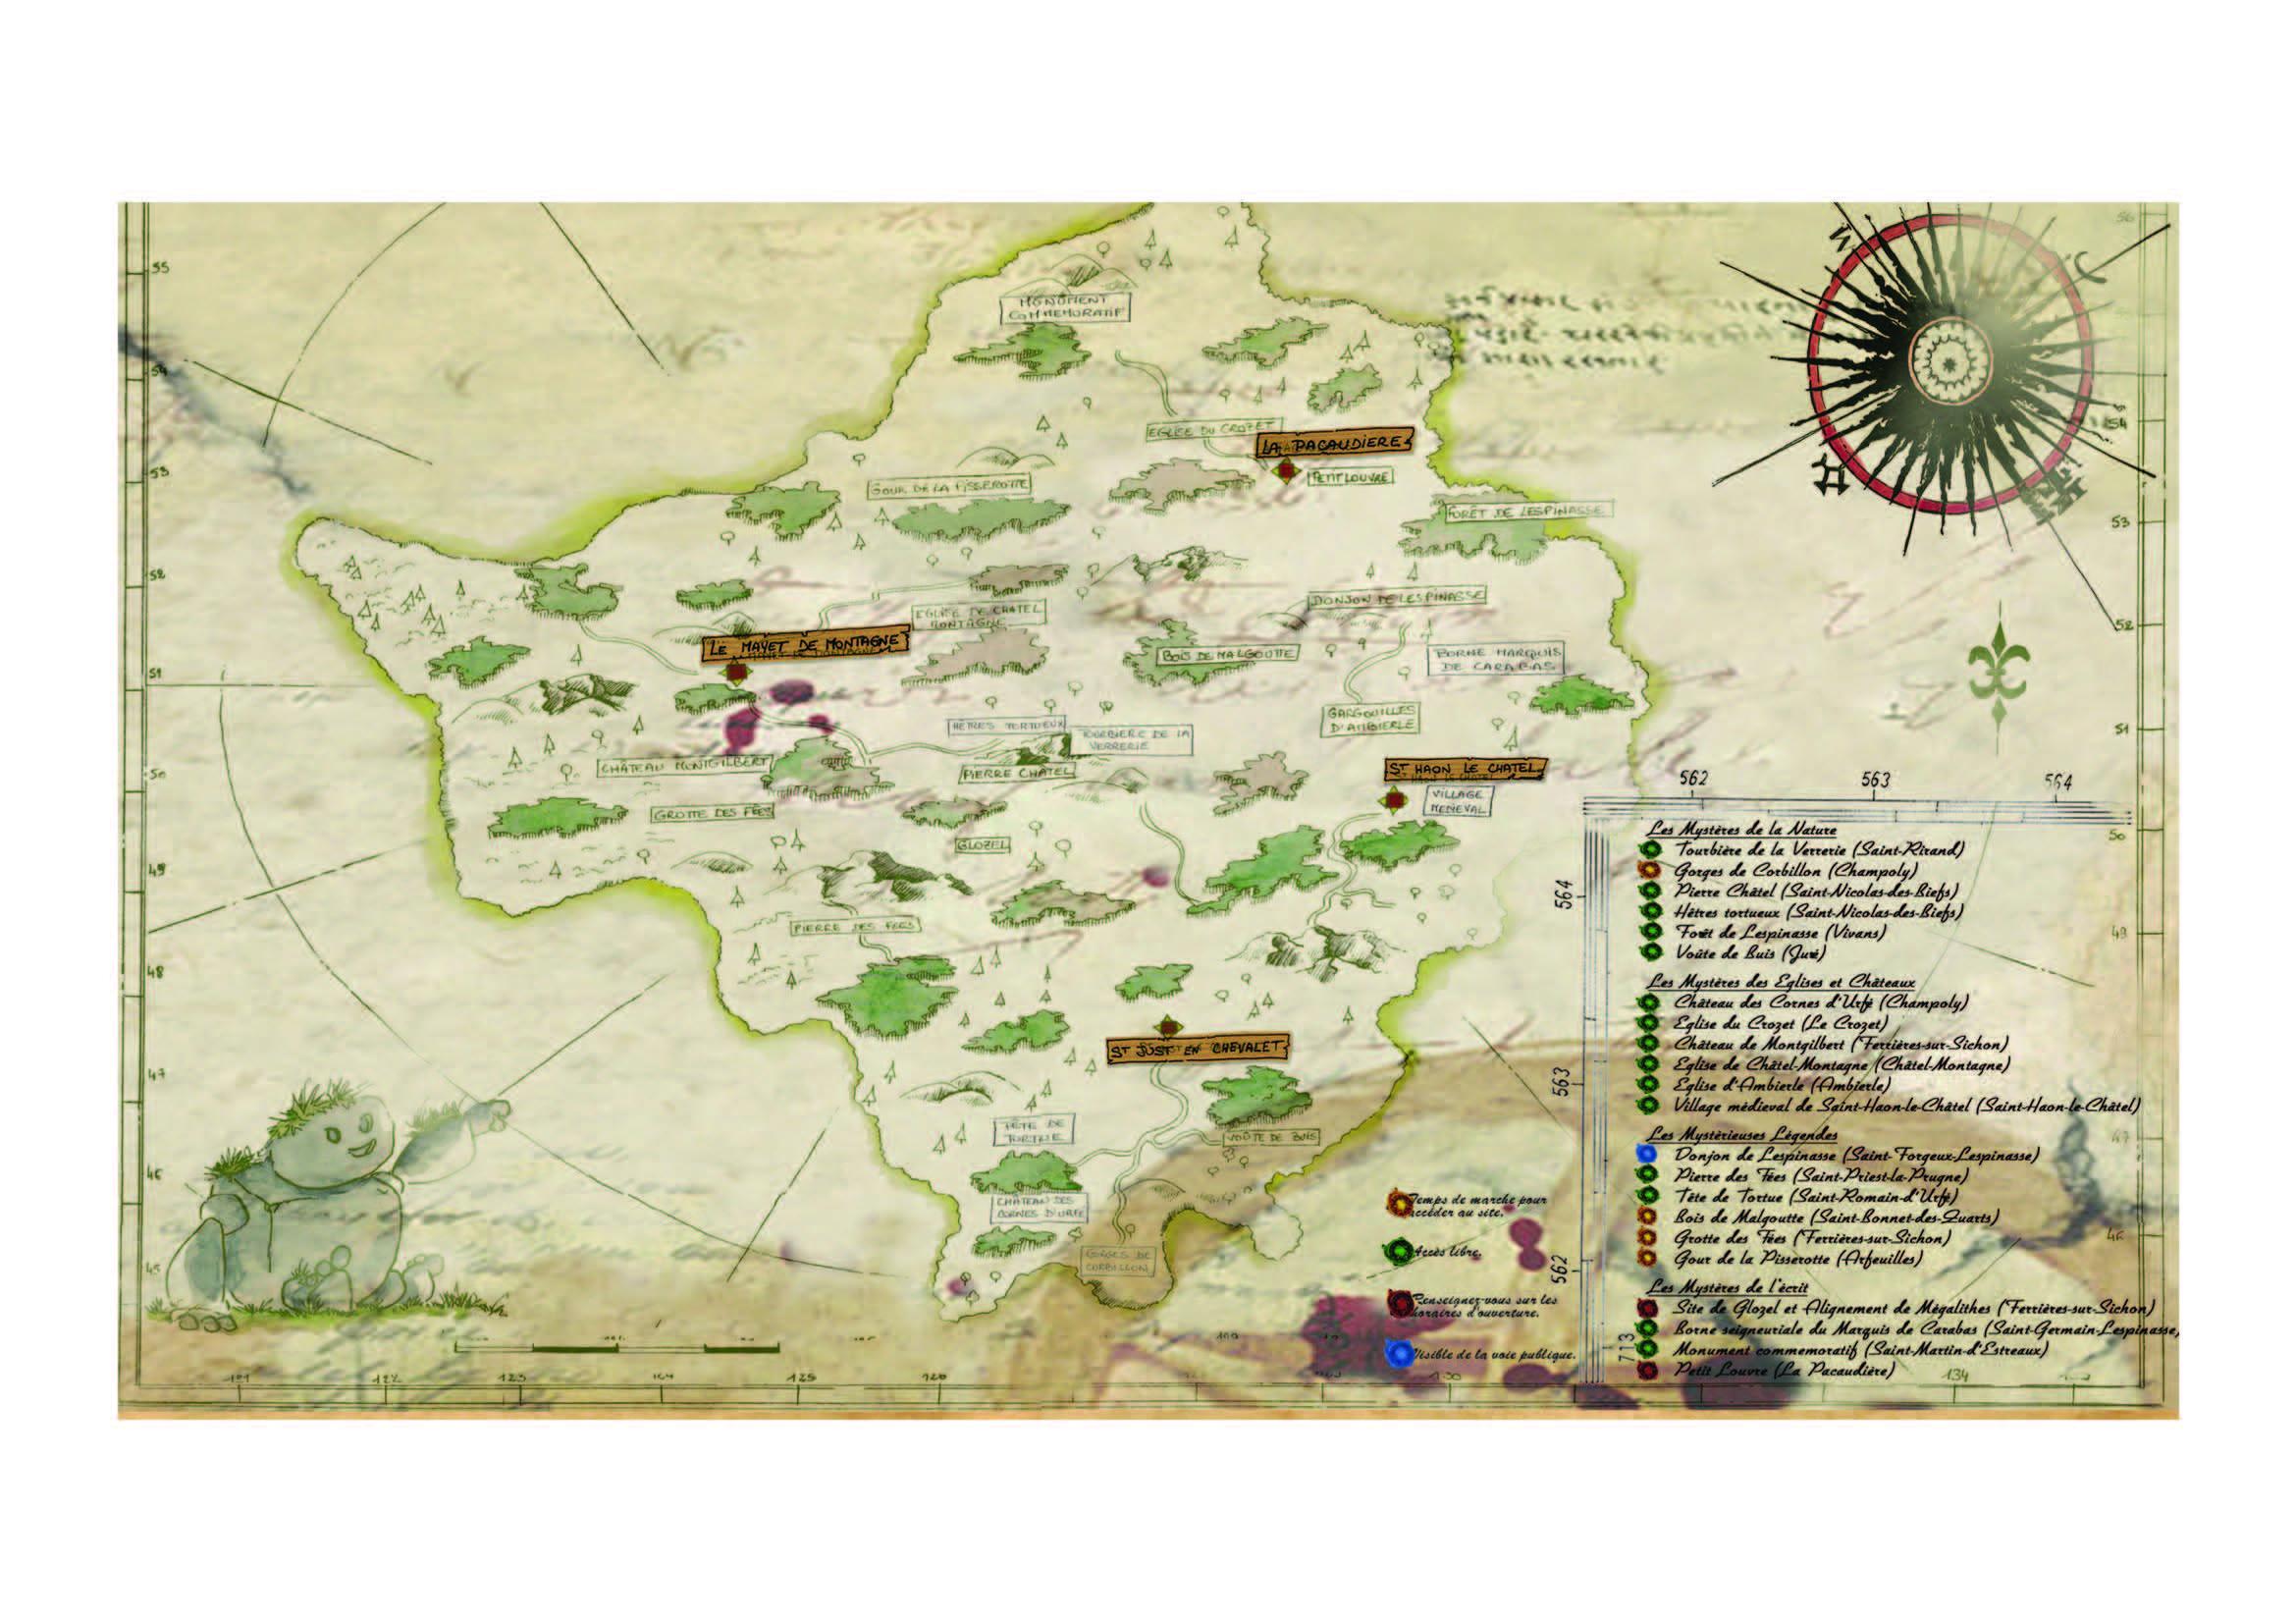 La carte des Mystères des Monts de la Madeleine